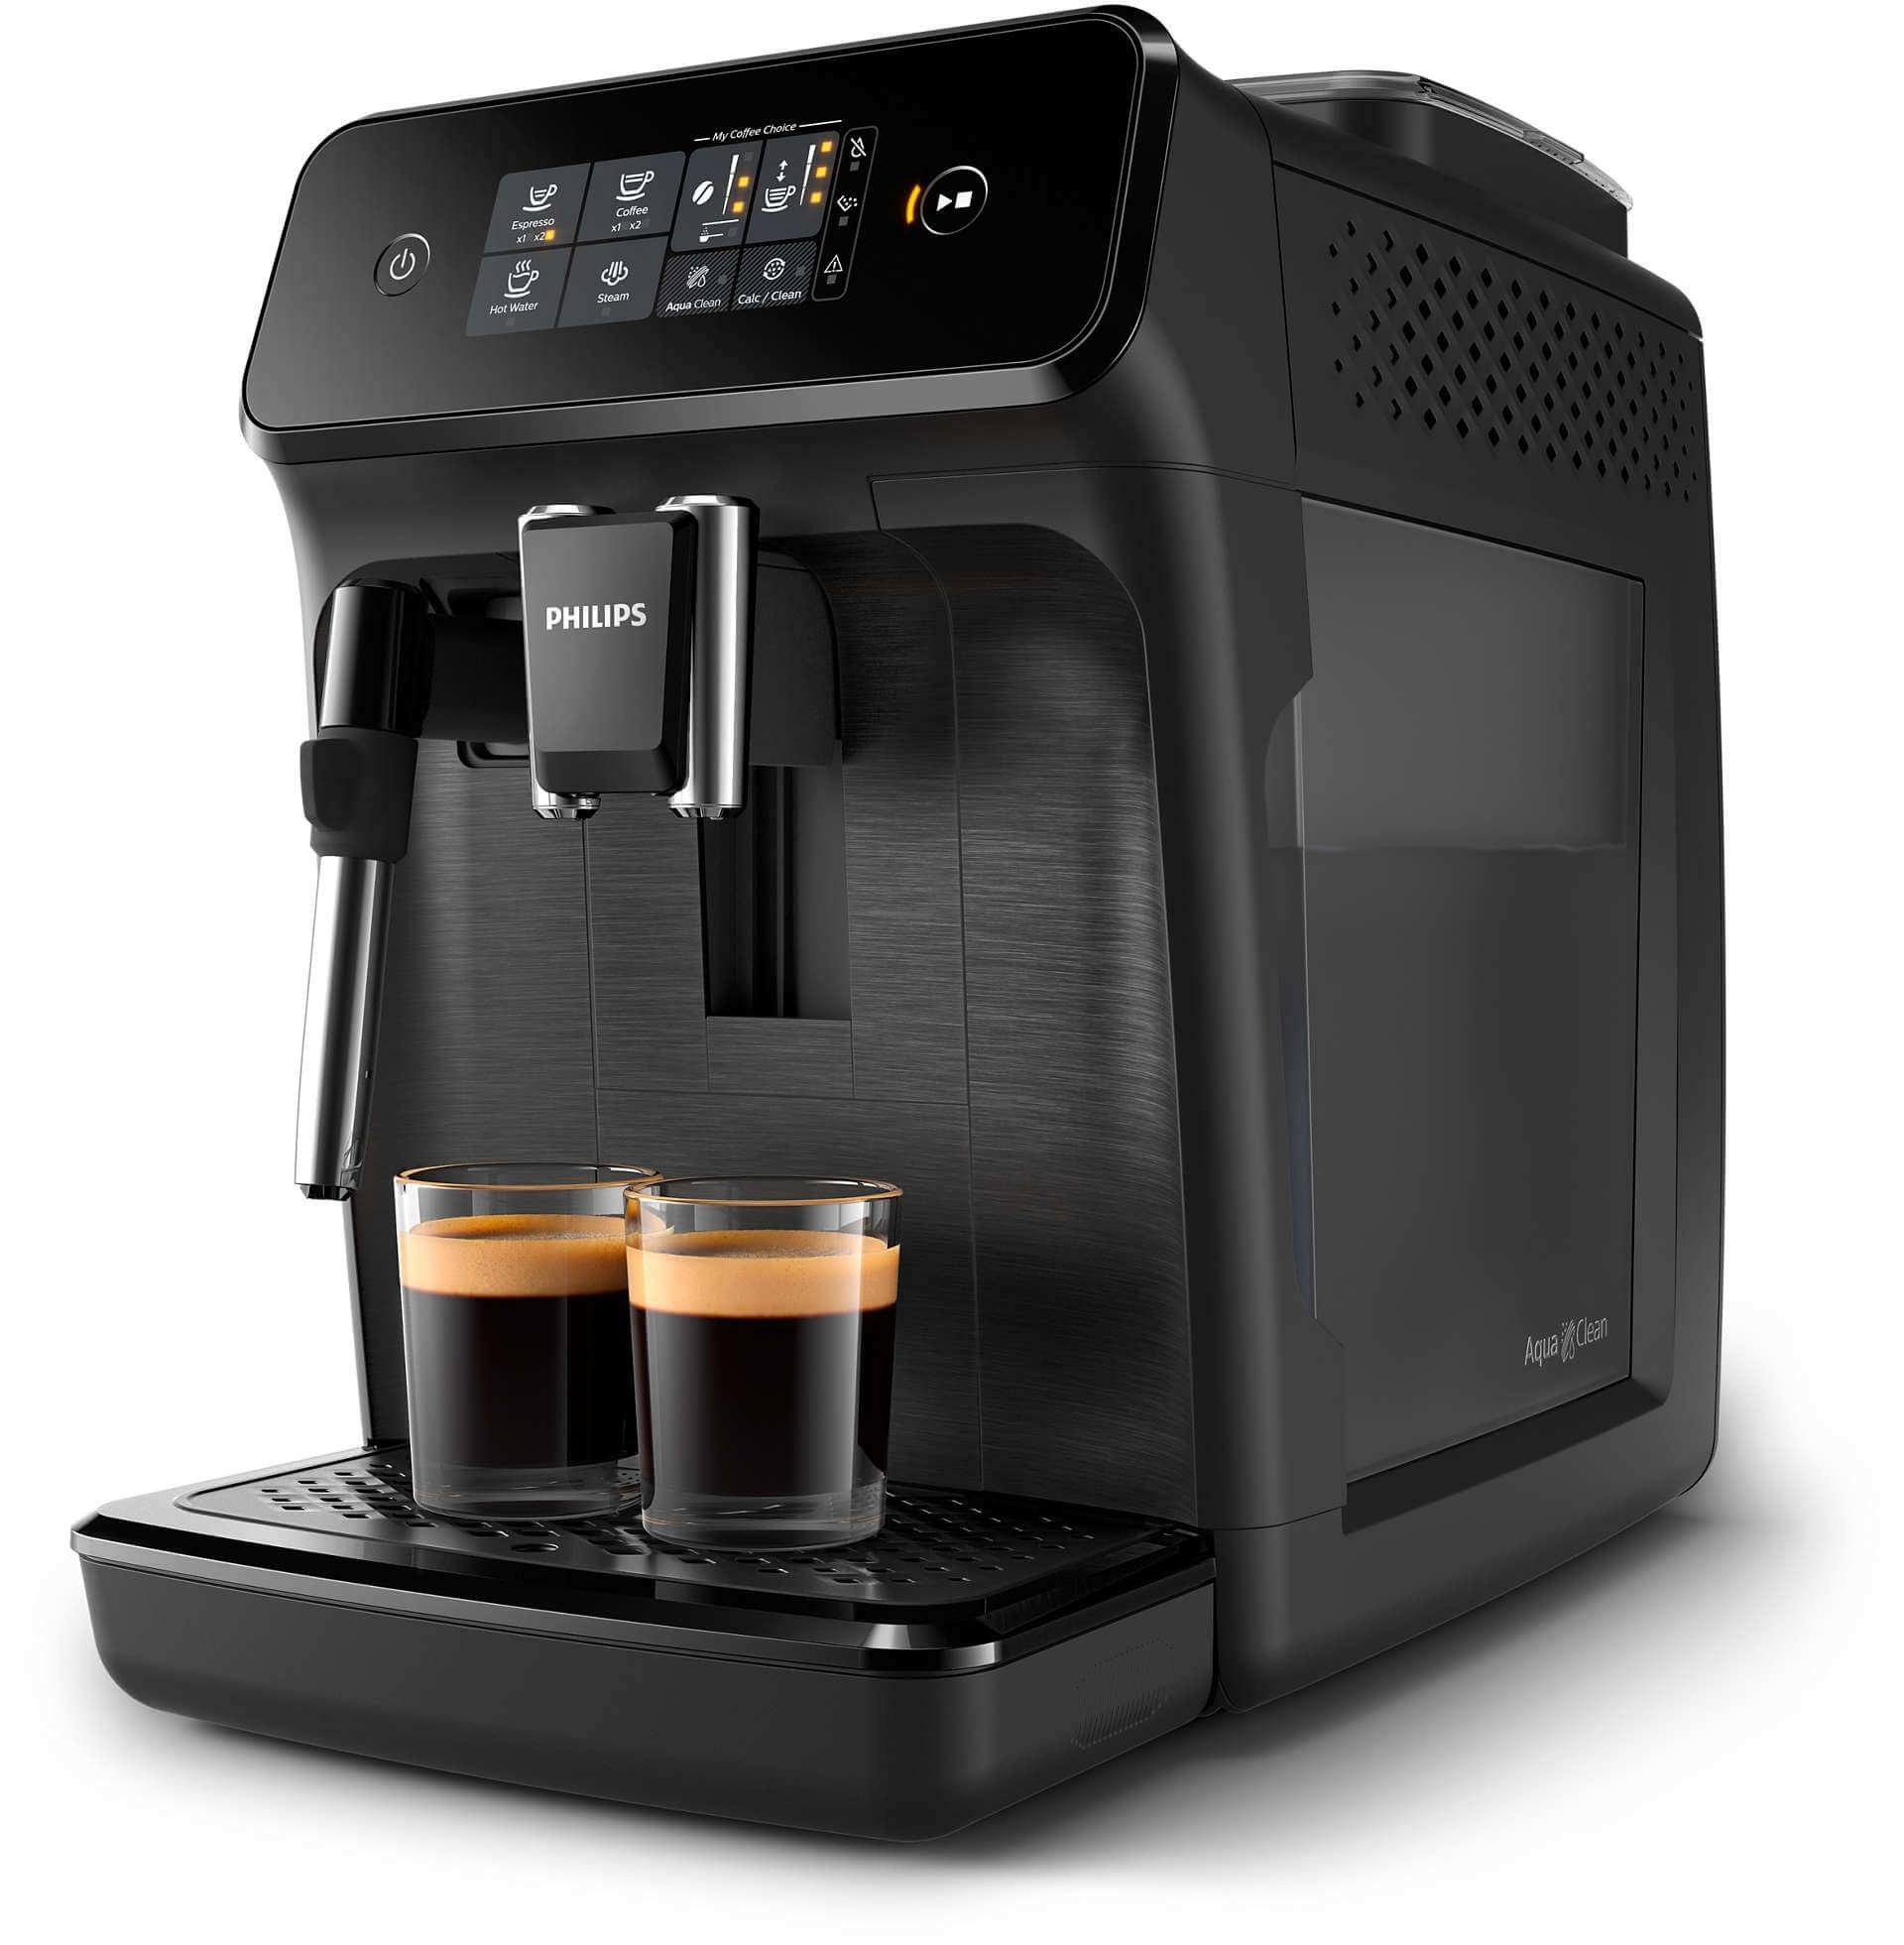 تصویر اسپرسو ساز فیلیپس هلند Philips Kaffee-Vollautomat Series 1200 EP 1220/00